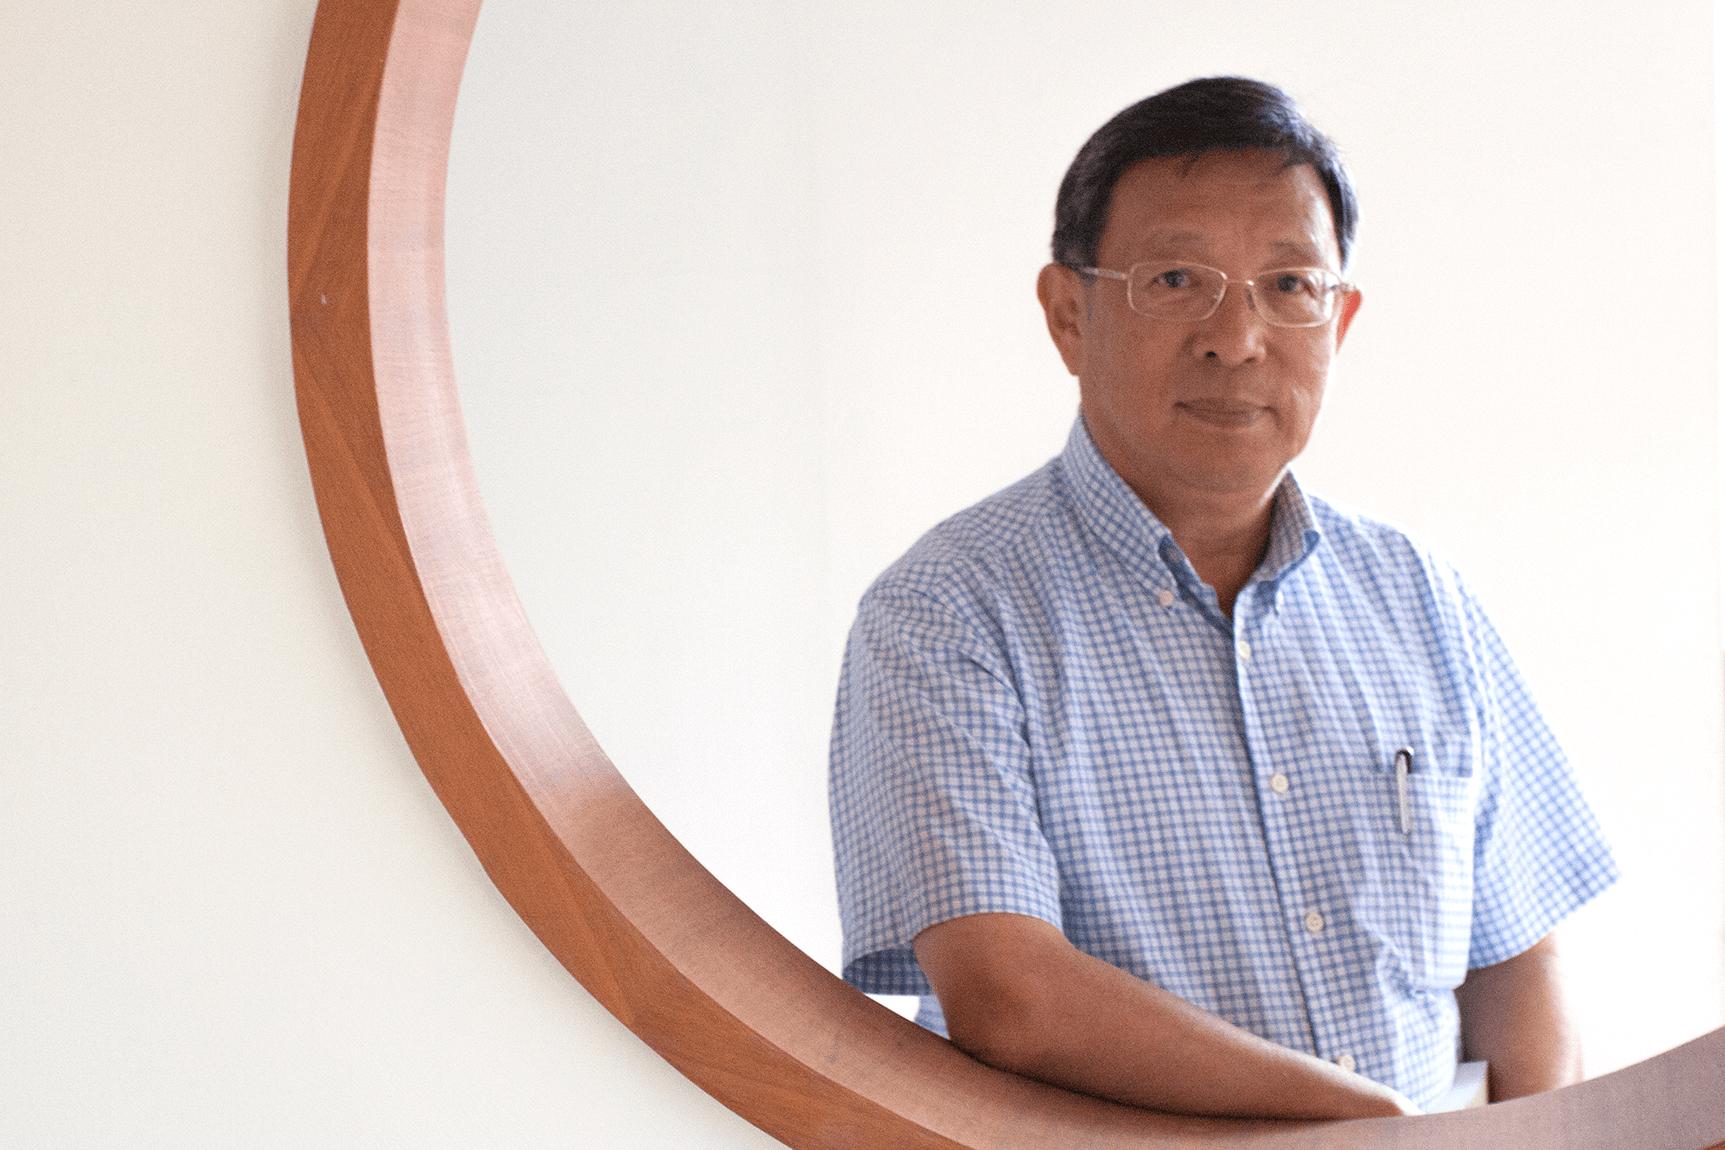 台灣考古權威臧振華院士,曾經主導國內指標性的考古計畫:南科遺址的挖掘。而從 2006 年開始,更把考古的觸角伸向大海,成為台灣水下文資保存的重要先驅。攝影│張語辰